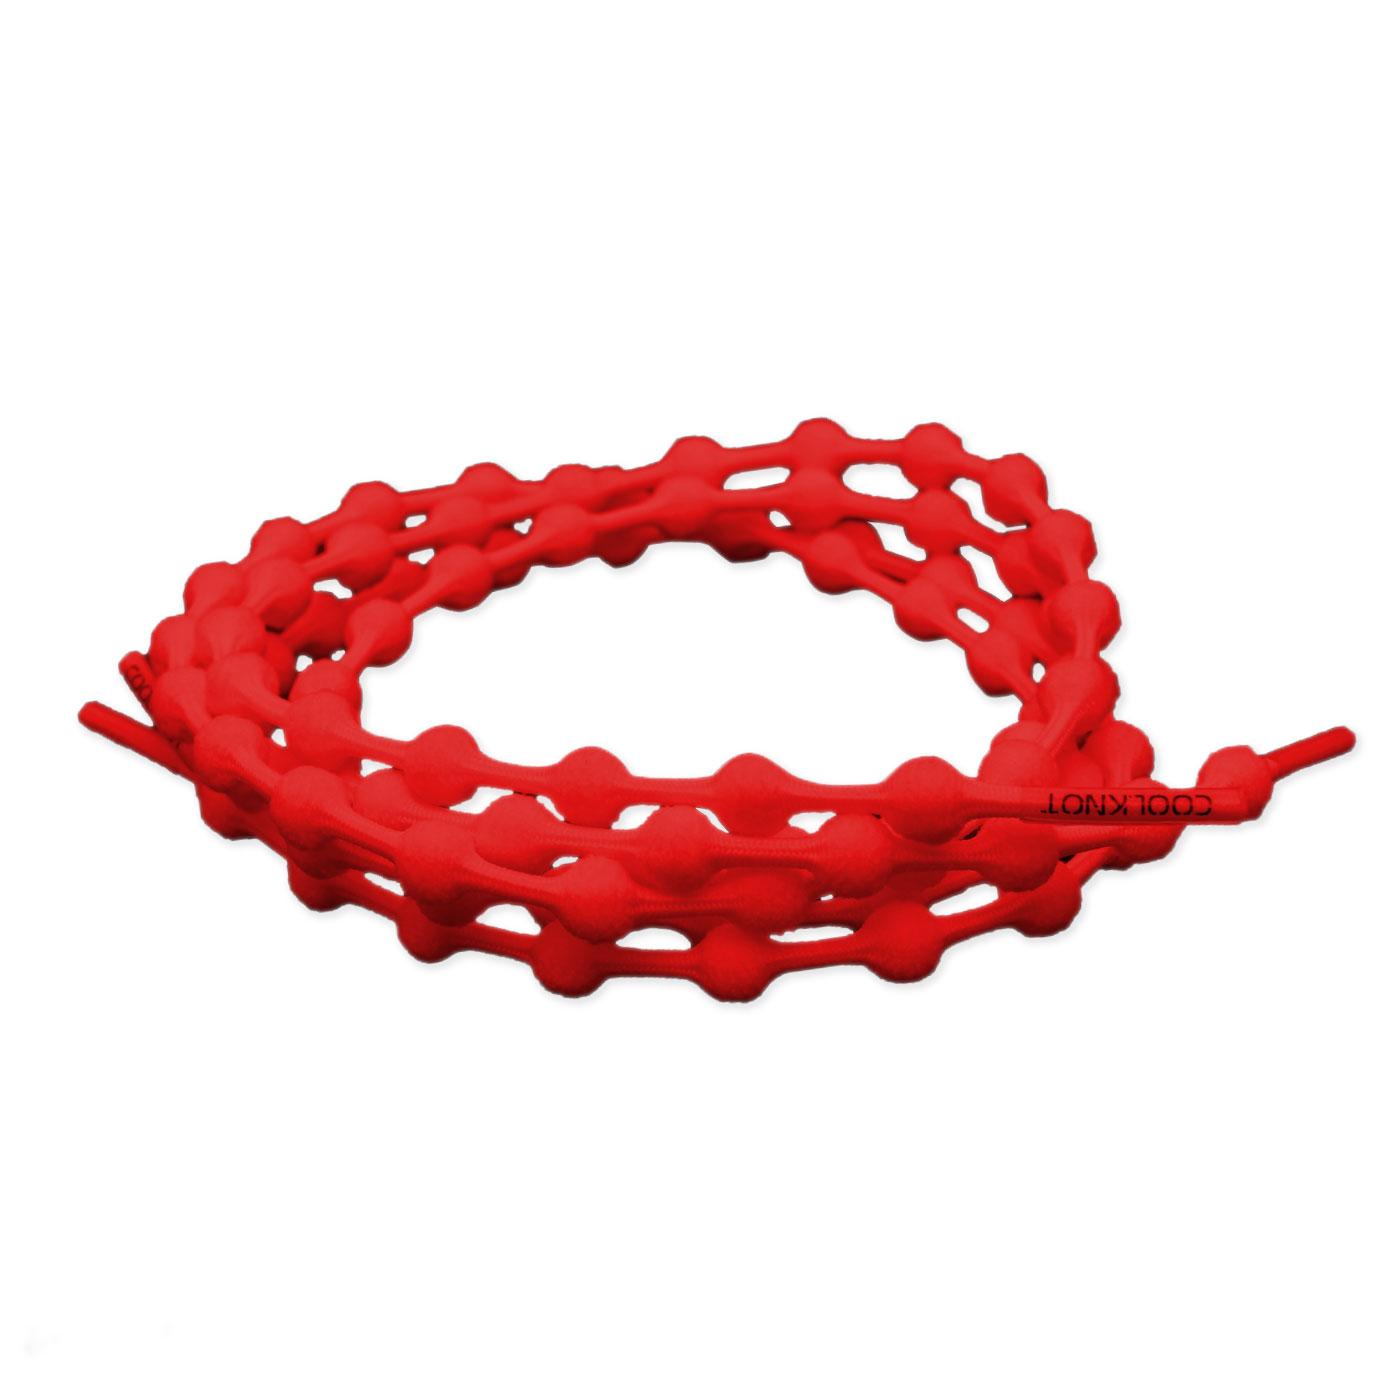 COOLKNOT 豆豆鞋帶(普通款)75CM 697007801 - 紅